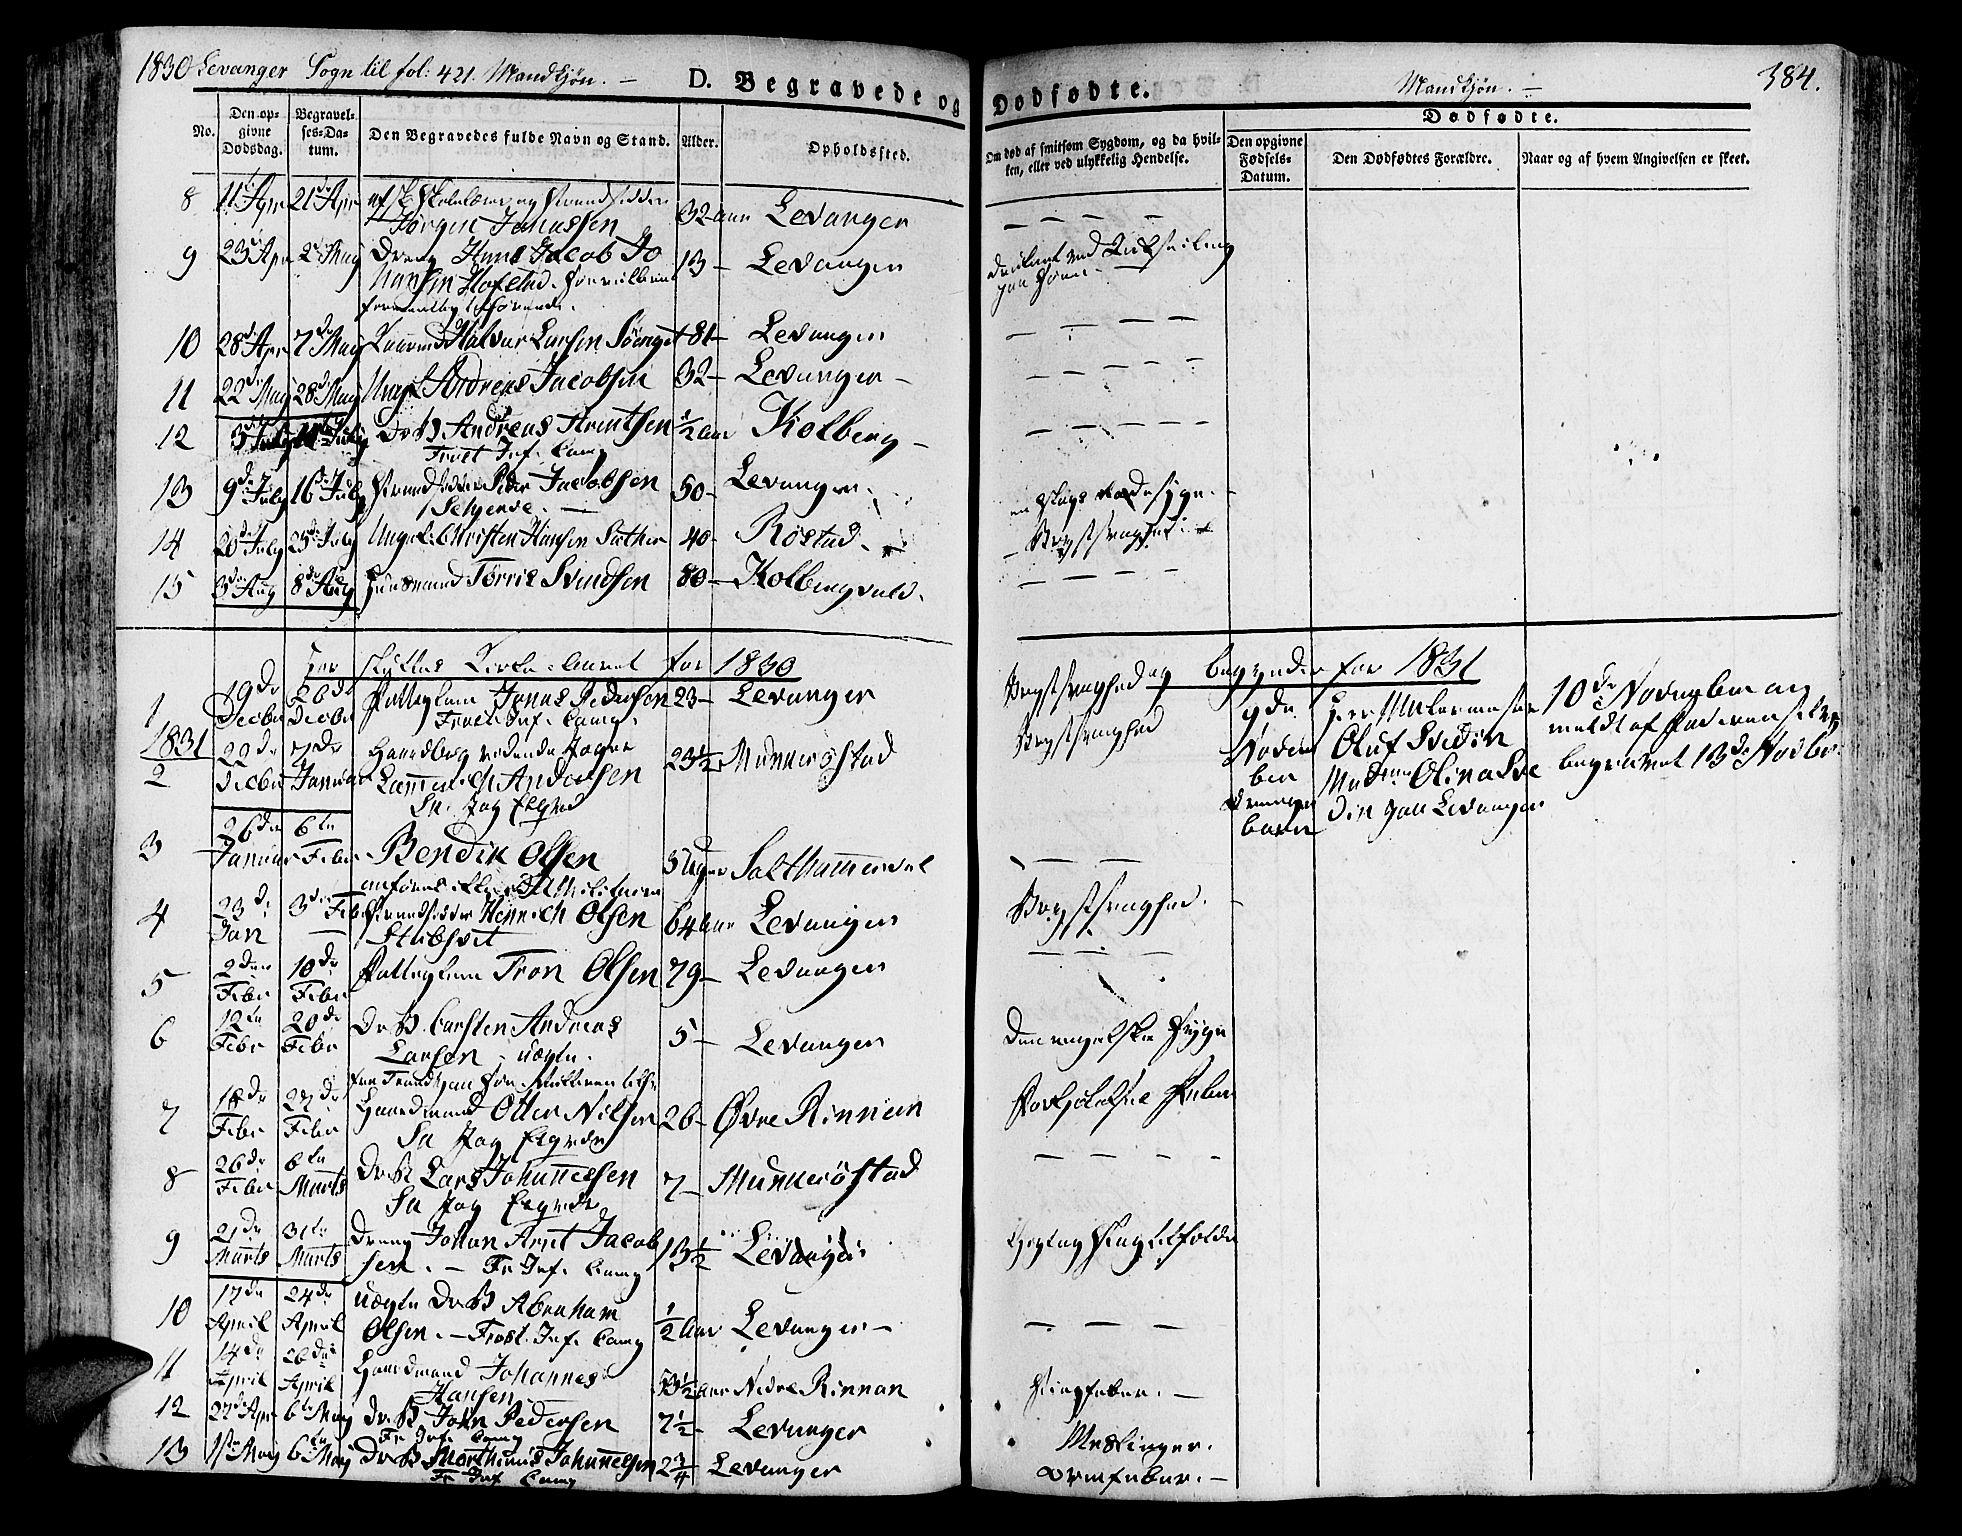 SAT, Ministerialprotokoller, klokkerbøker og fødselsregistre - Nord-Trøndelag, 717/L0152: Ministerialbok nr. 717A05 /3, 1828-1836, s. 384